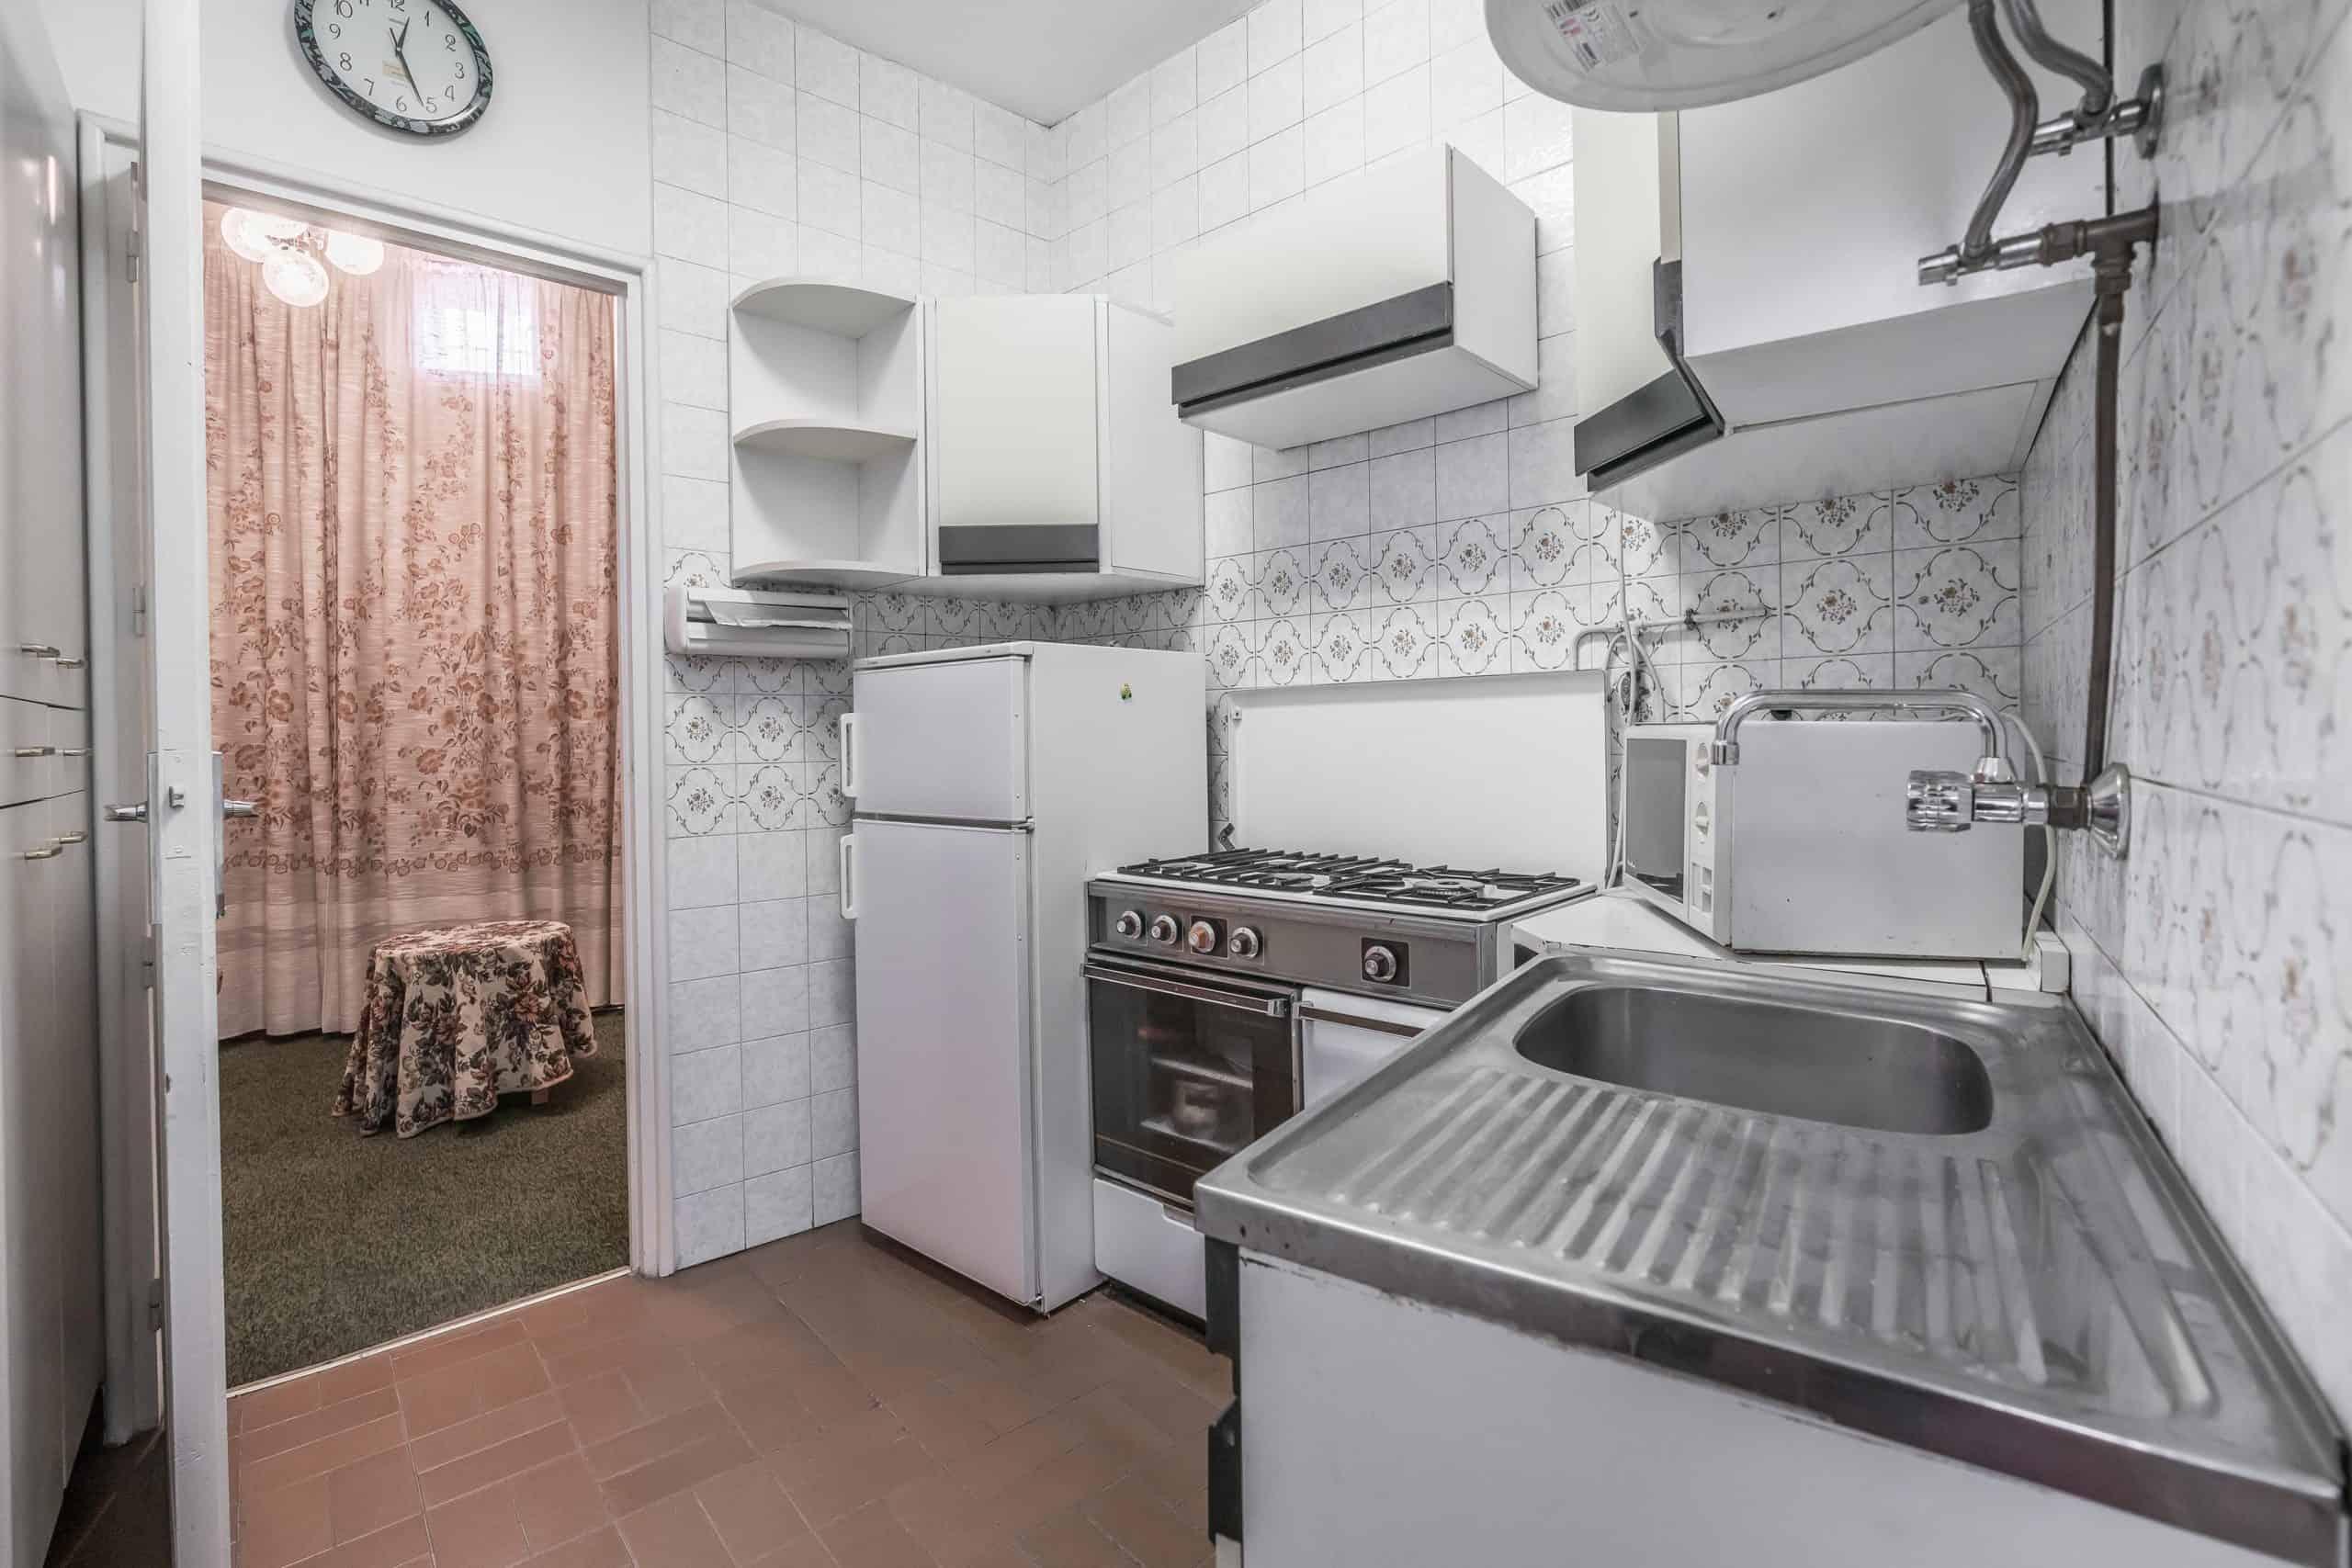 Agencia Inmobiliaria de Madrid-FUTUROCASA-Zona ARGANZUELA-EMBAJADORES-LEGAZPI -plaza General Vara del Rey- cocina